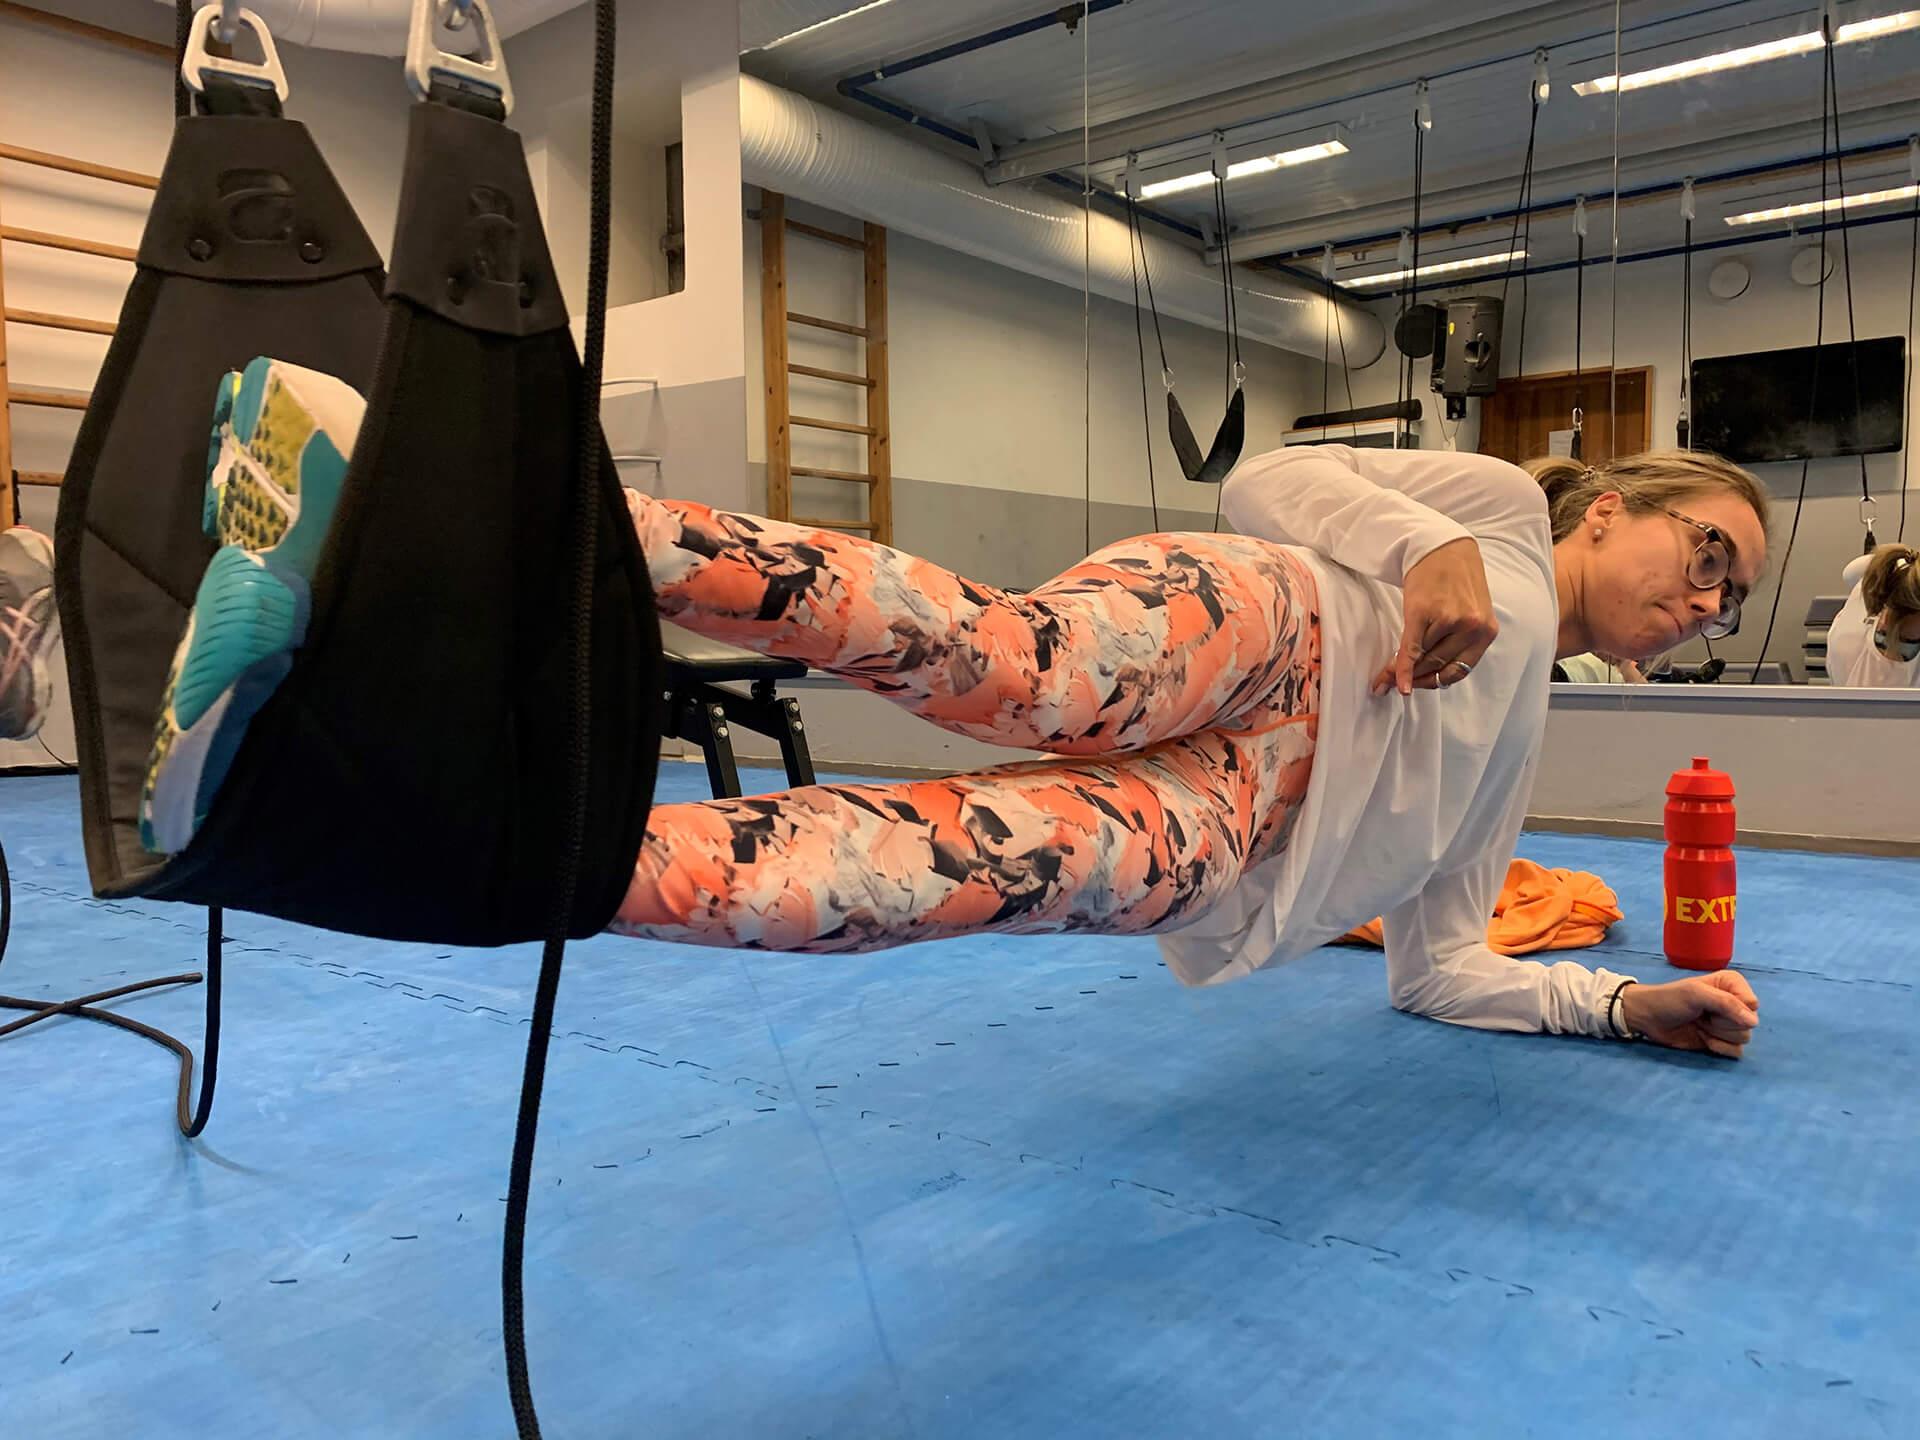 Bilde av Sofie Østerbø Jansen som trener innendørs. Hun lener seg mot armen mens føttene ligger samlet i en svart slynge som svever over bakken.